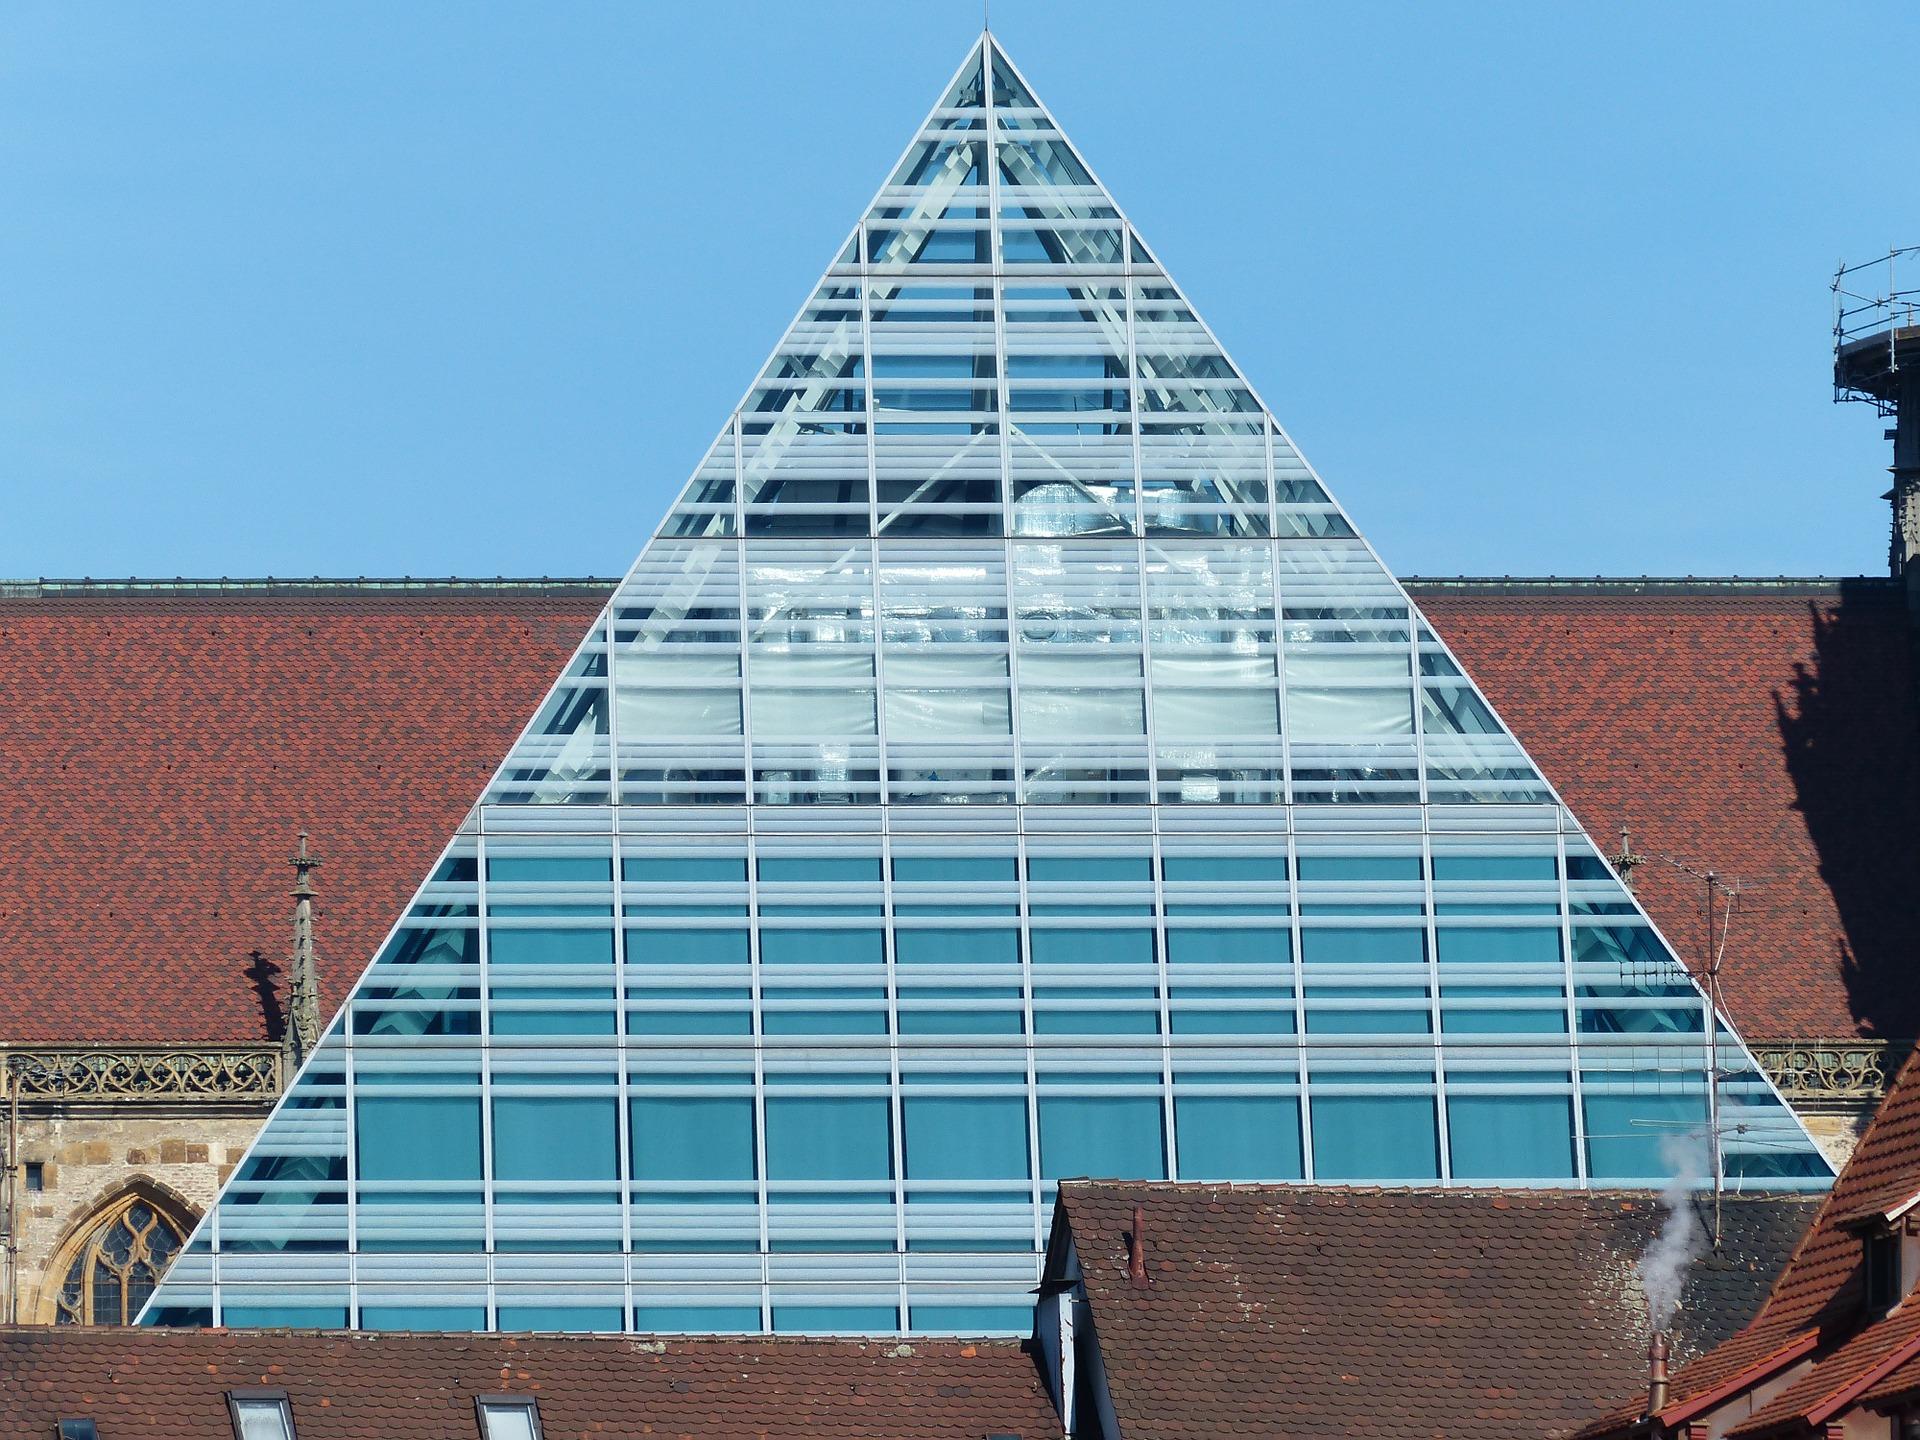 Glazen dak plaatsen